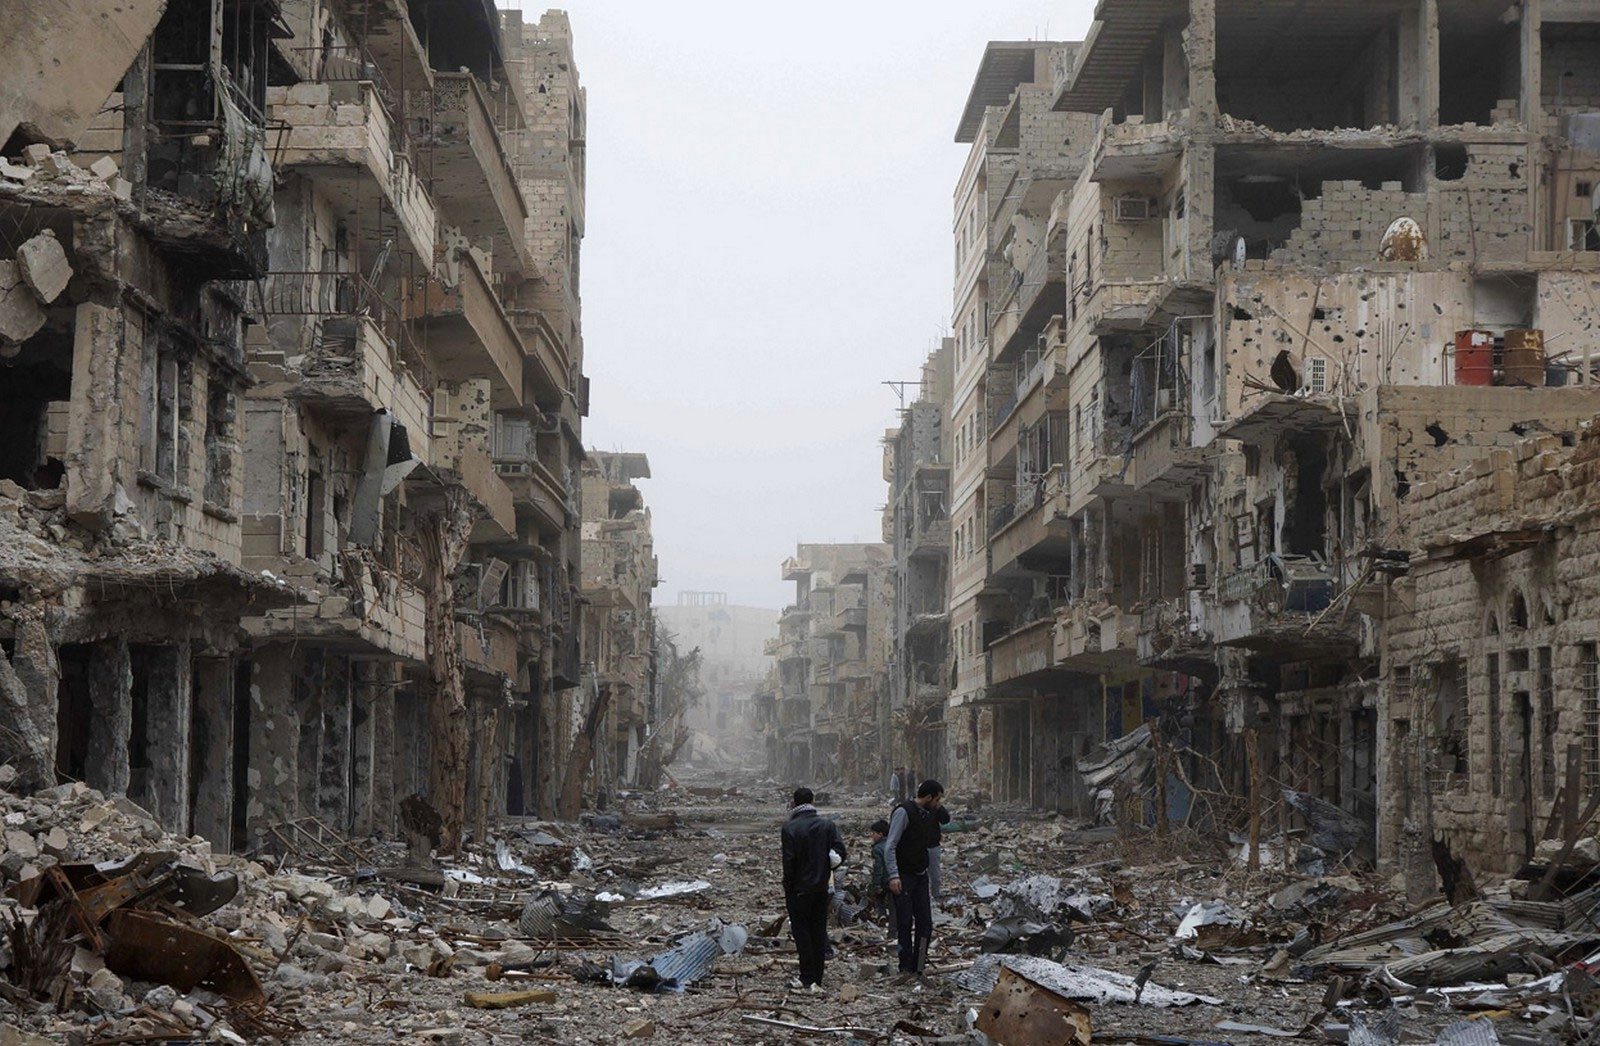 Названо число жертв мирных граждан Сирии при ударах коалиции США